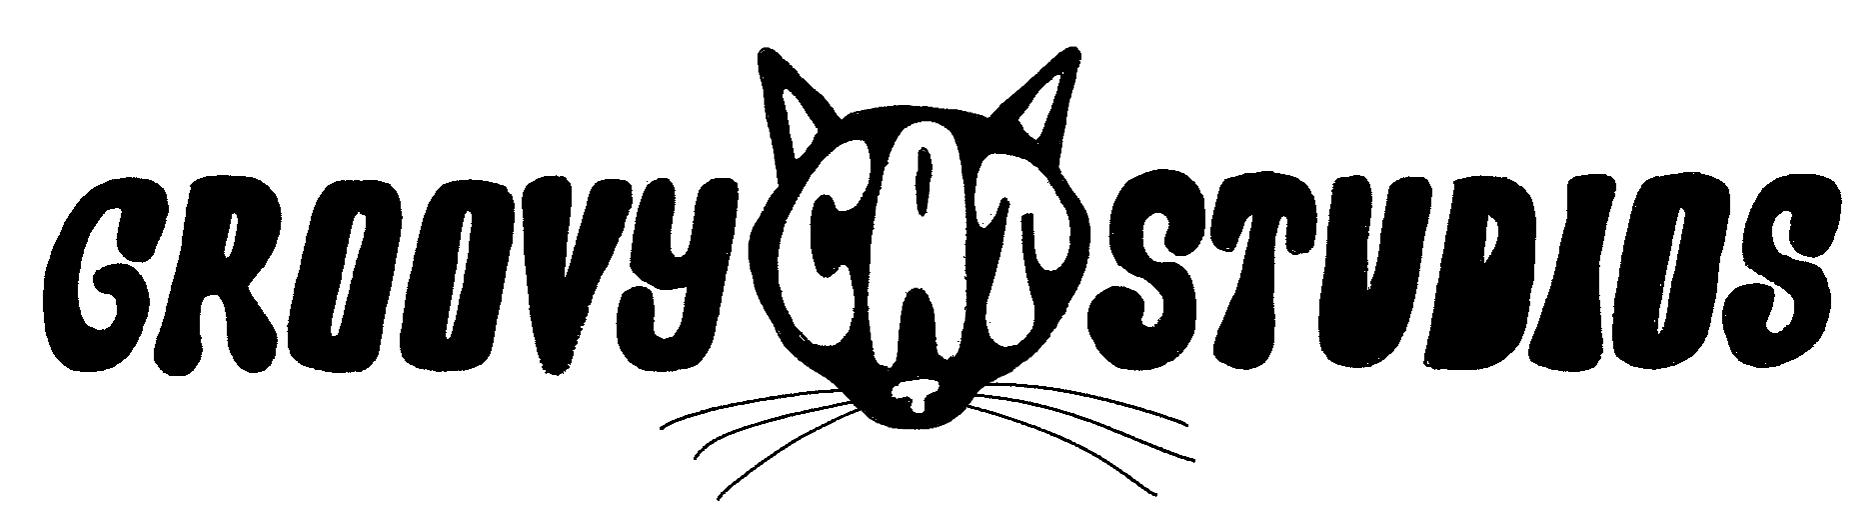 Groovy Cat Studios